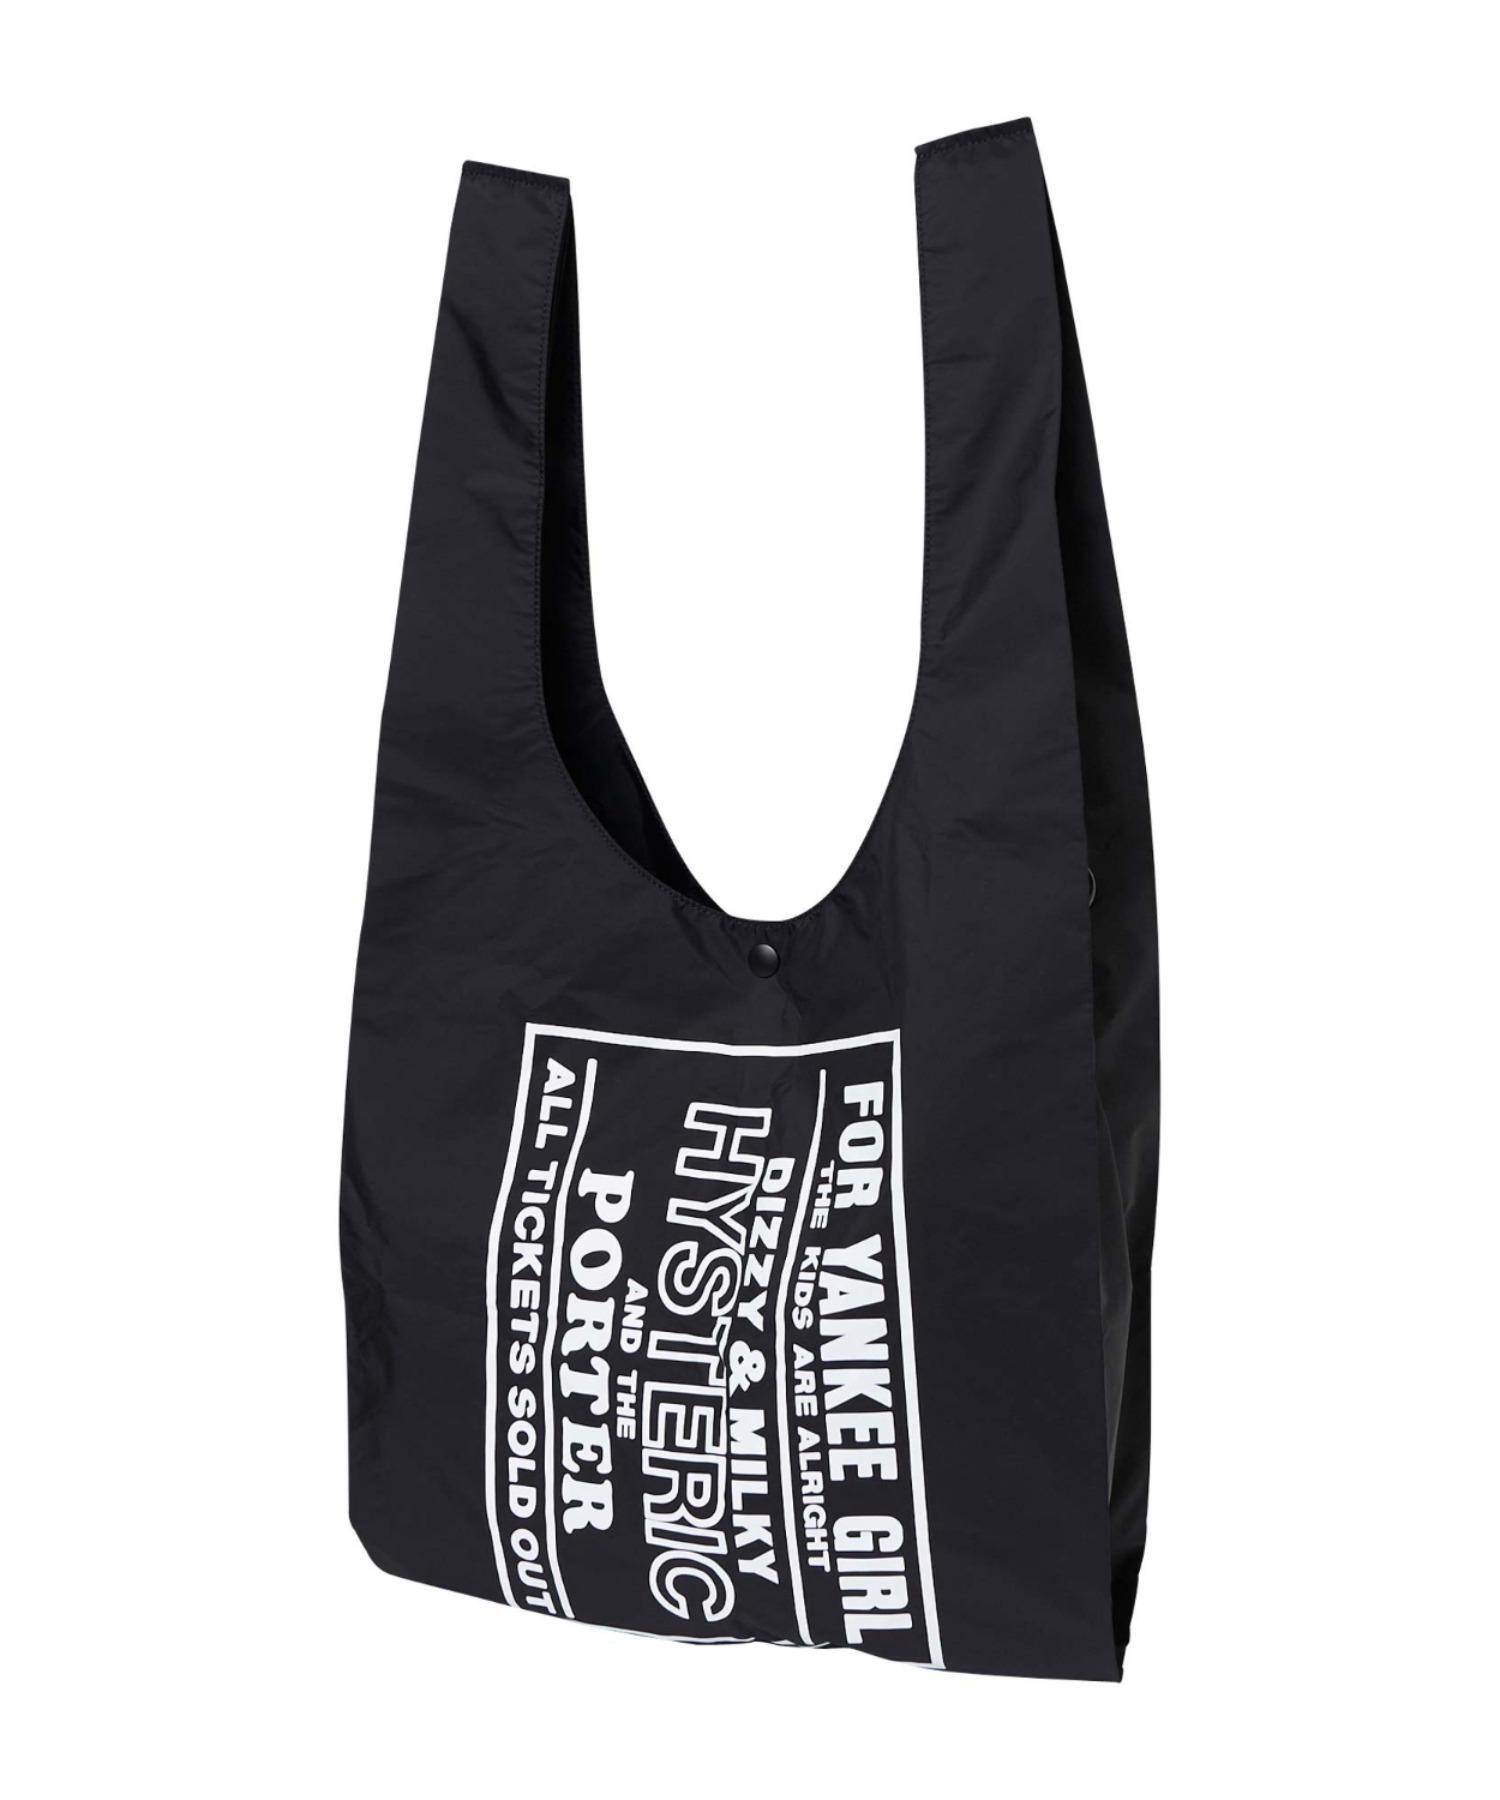 PORTER/パッカブル GROCERY BAG (M)